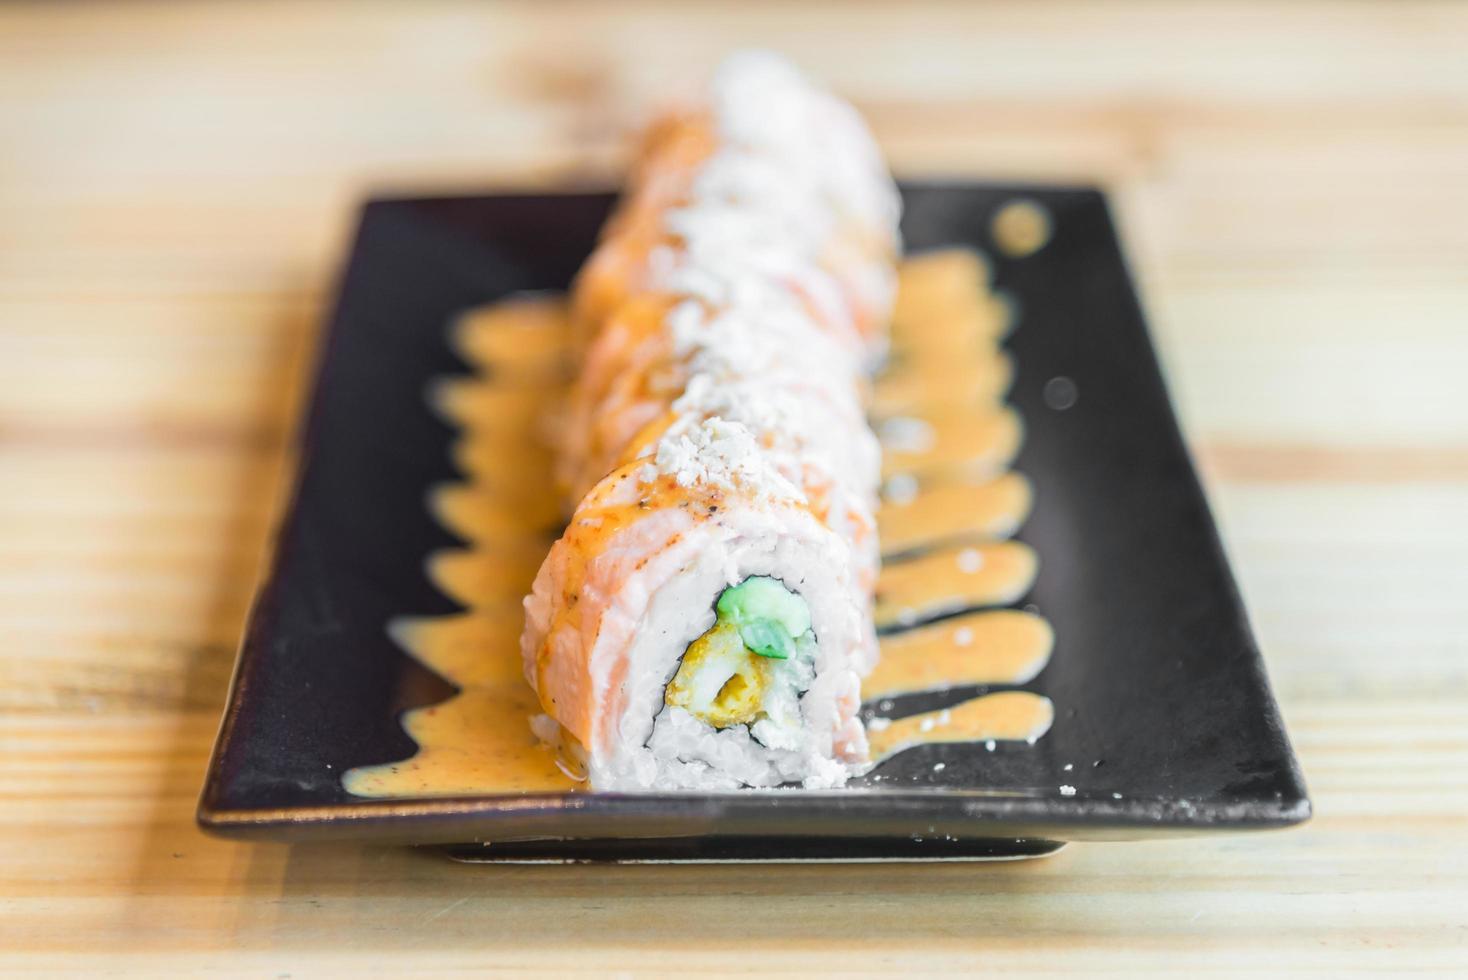 Rouleau de sushi au saumon, cuisine japonaise traditionnelle photo